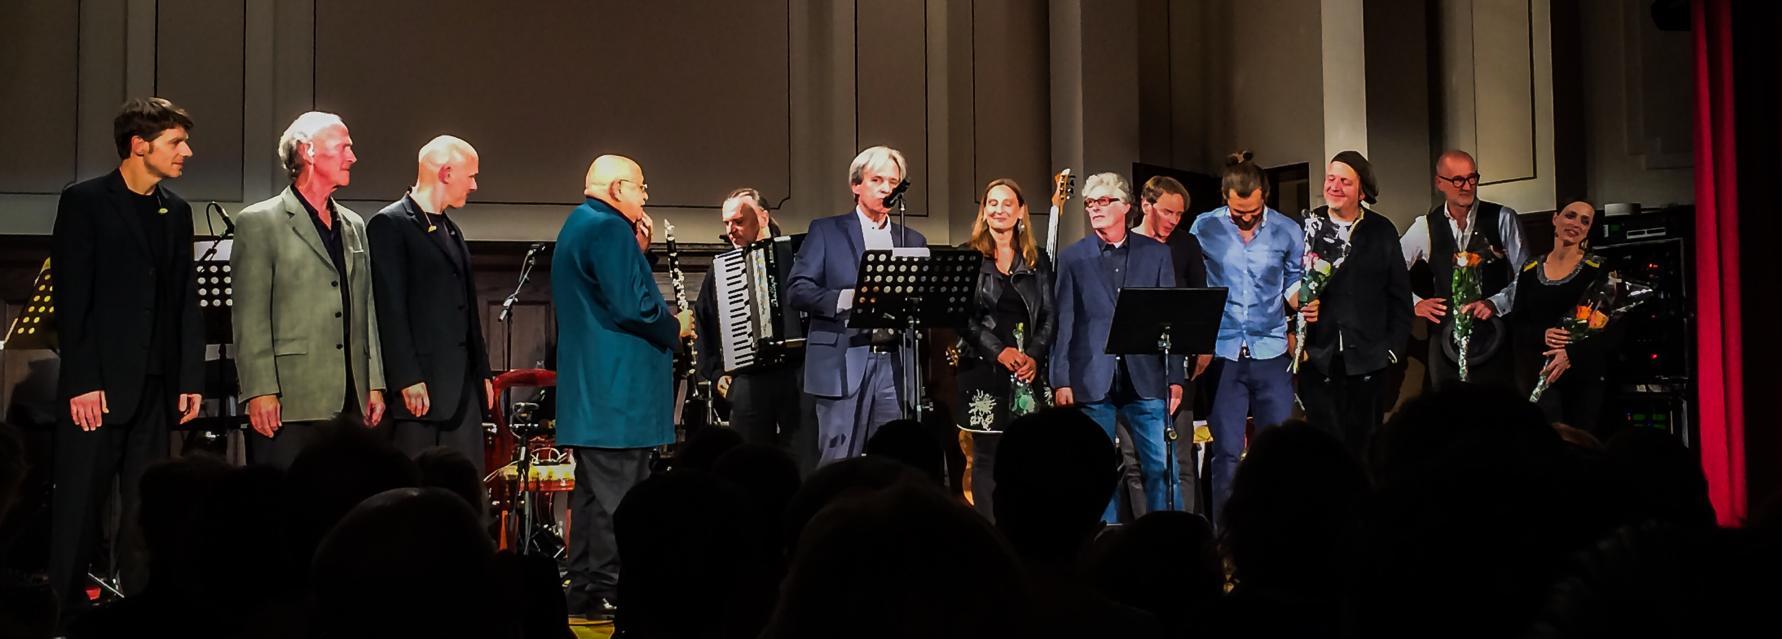 Willy Wagner Bassist mit Schönherz und Fleer AMO Projekt Berlin